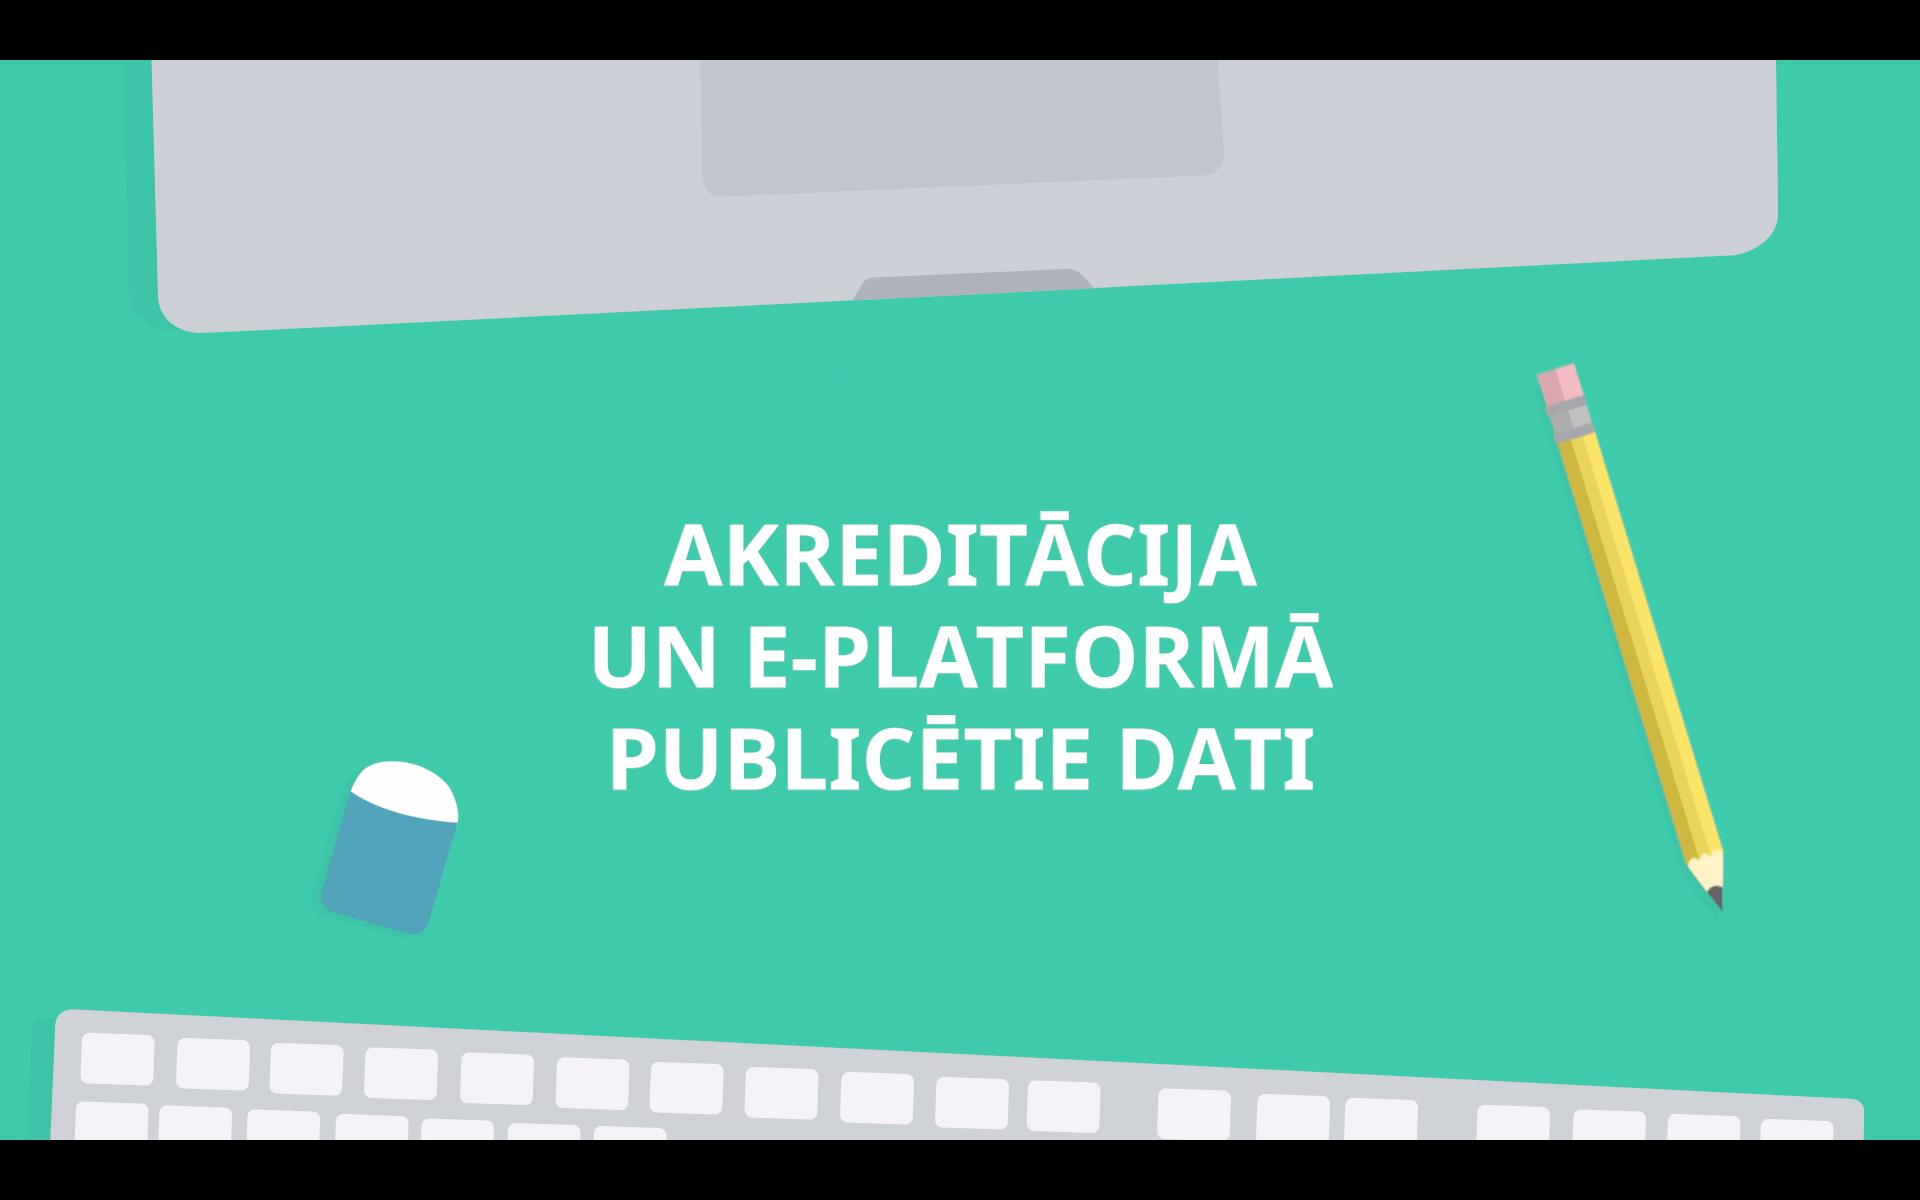 Video par akreditāciju un e-platformā publicētajiem datiem